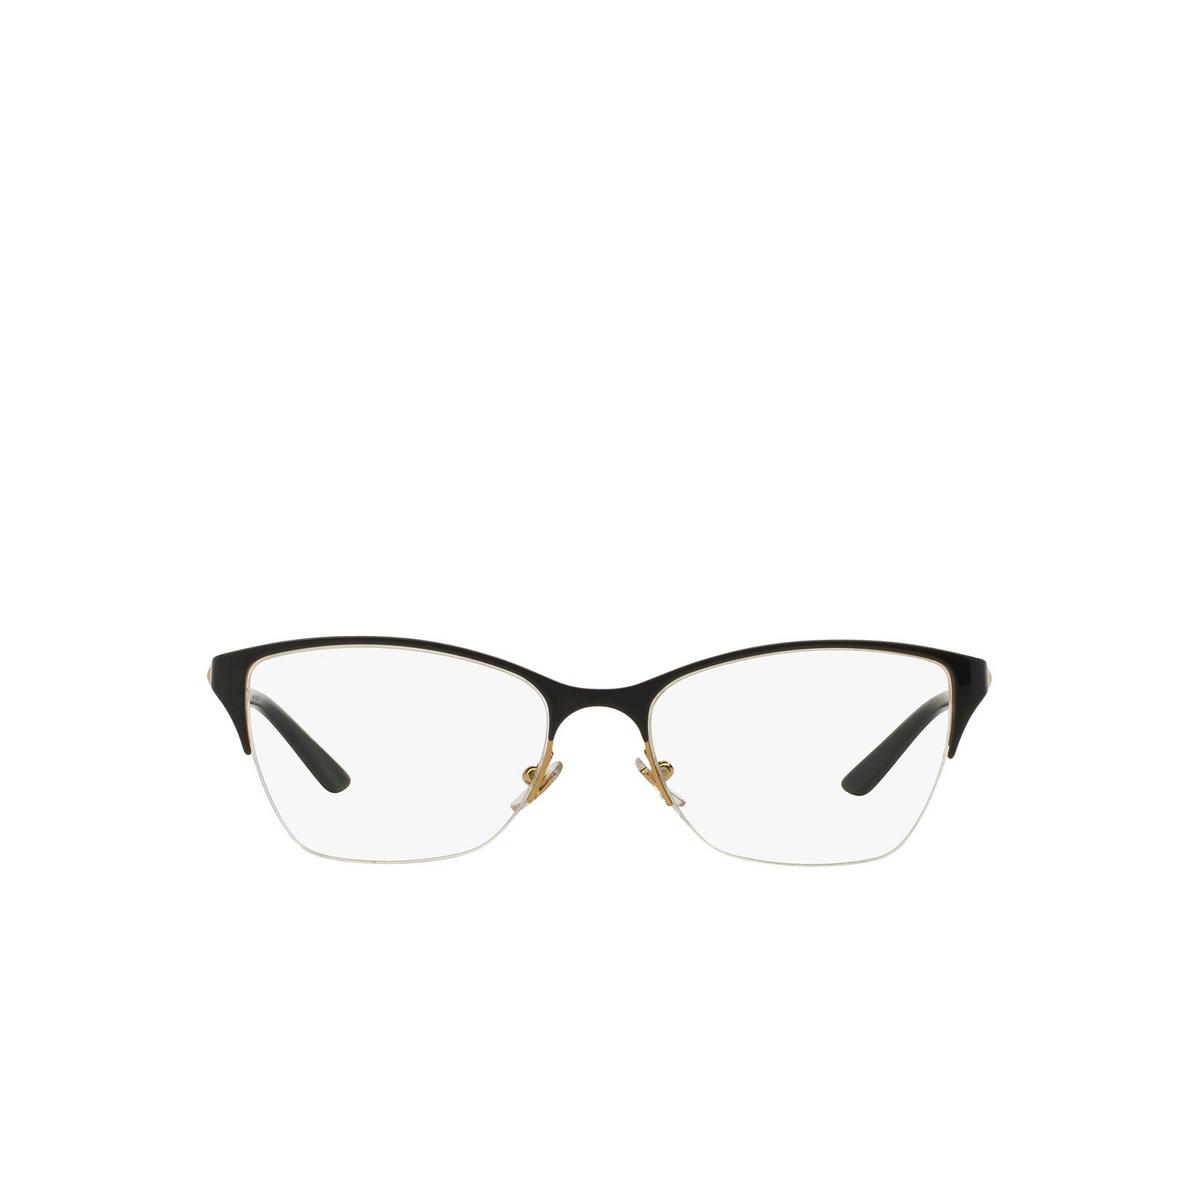 Versace® Cat-eye Eyeglasses: VE1218 color Black / Gold 1342.